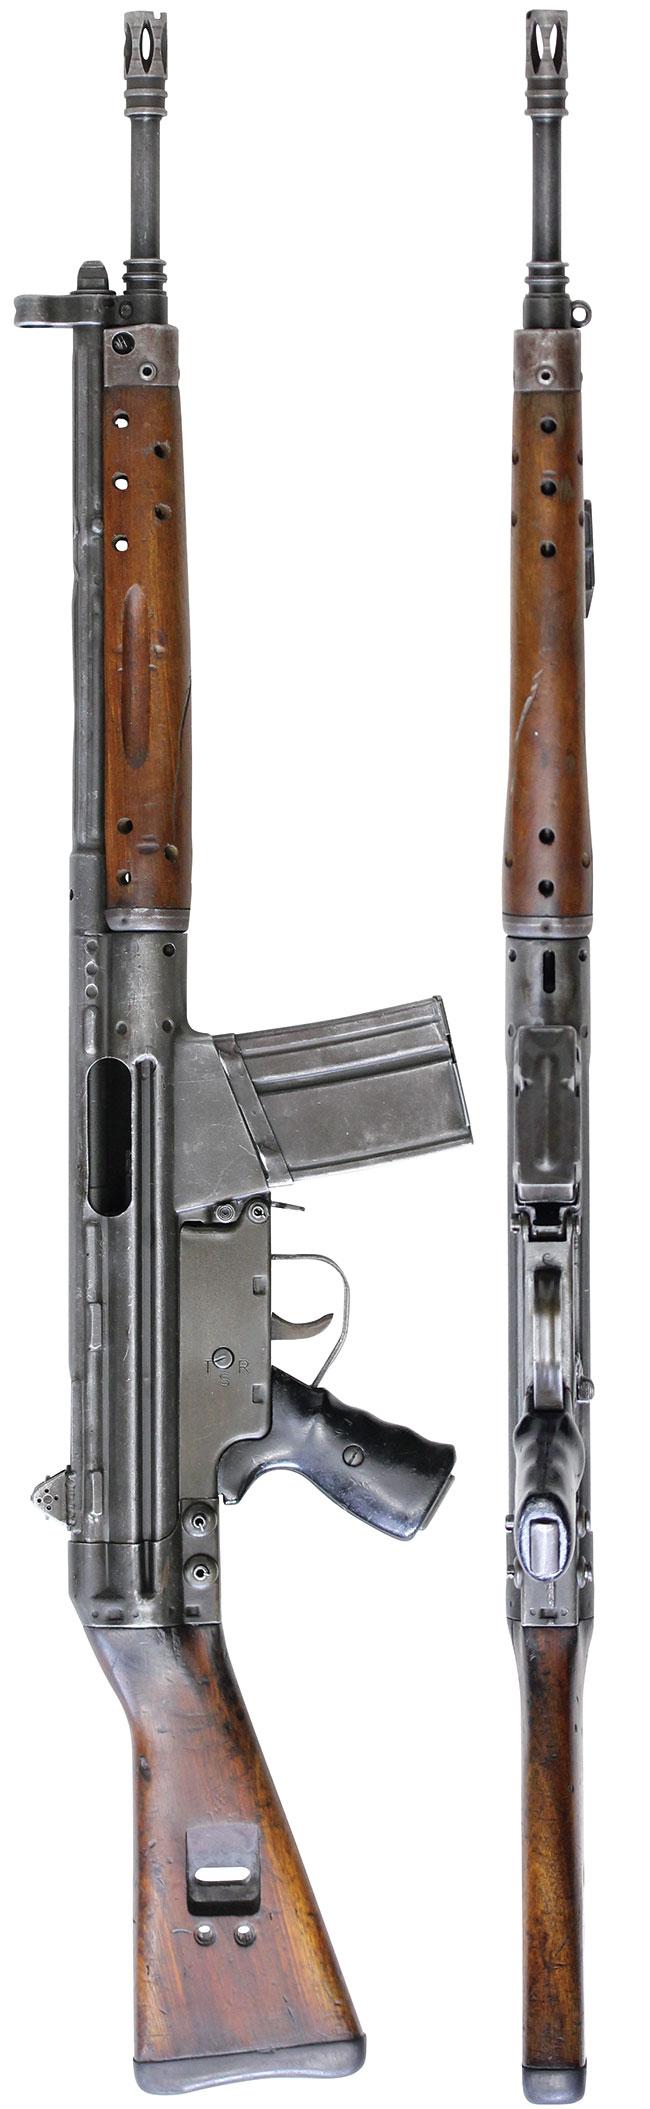 【4348】セトメ-モデロC-自動小銃-(複数在庫品、#03232)右.jpg